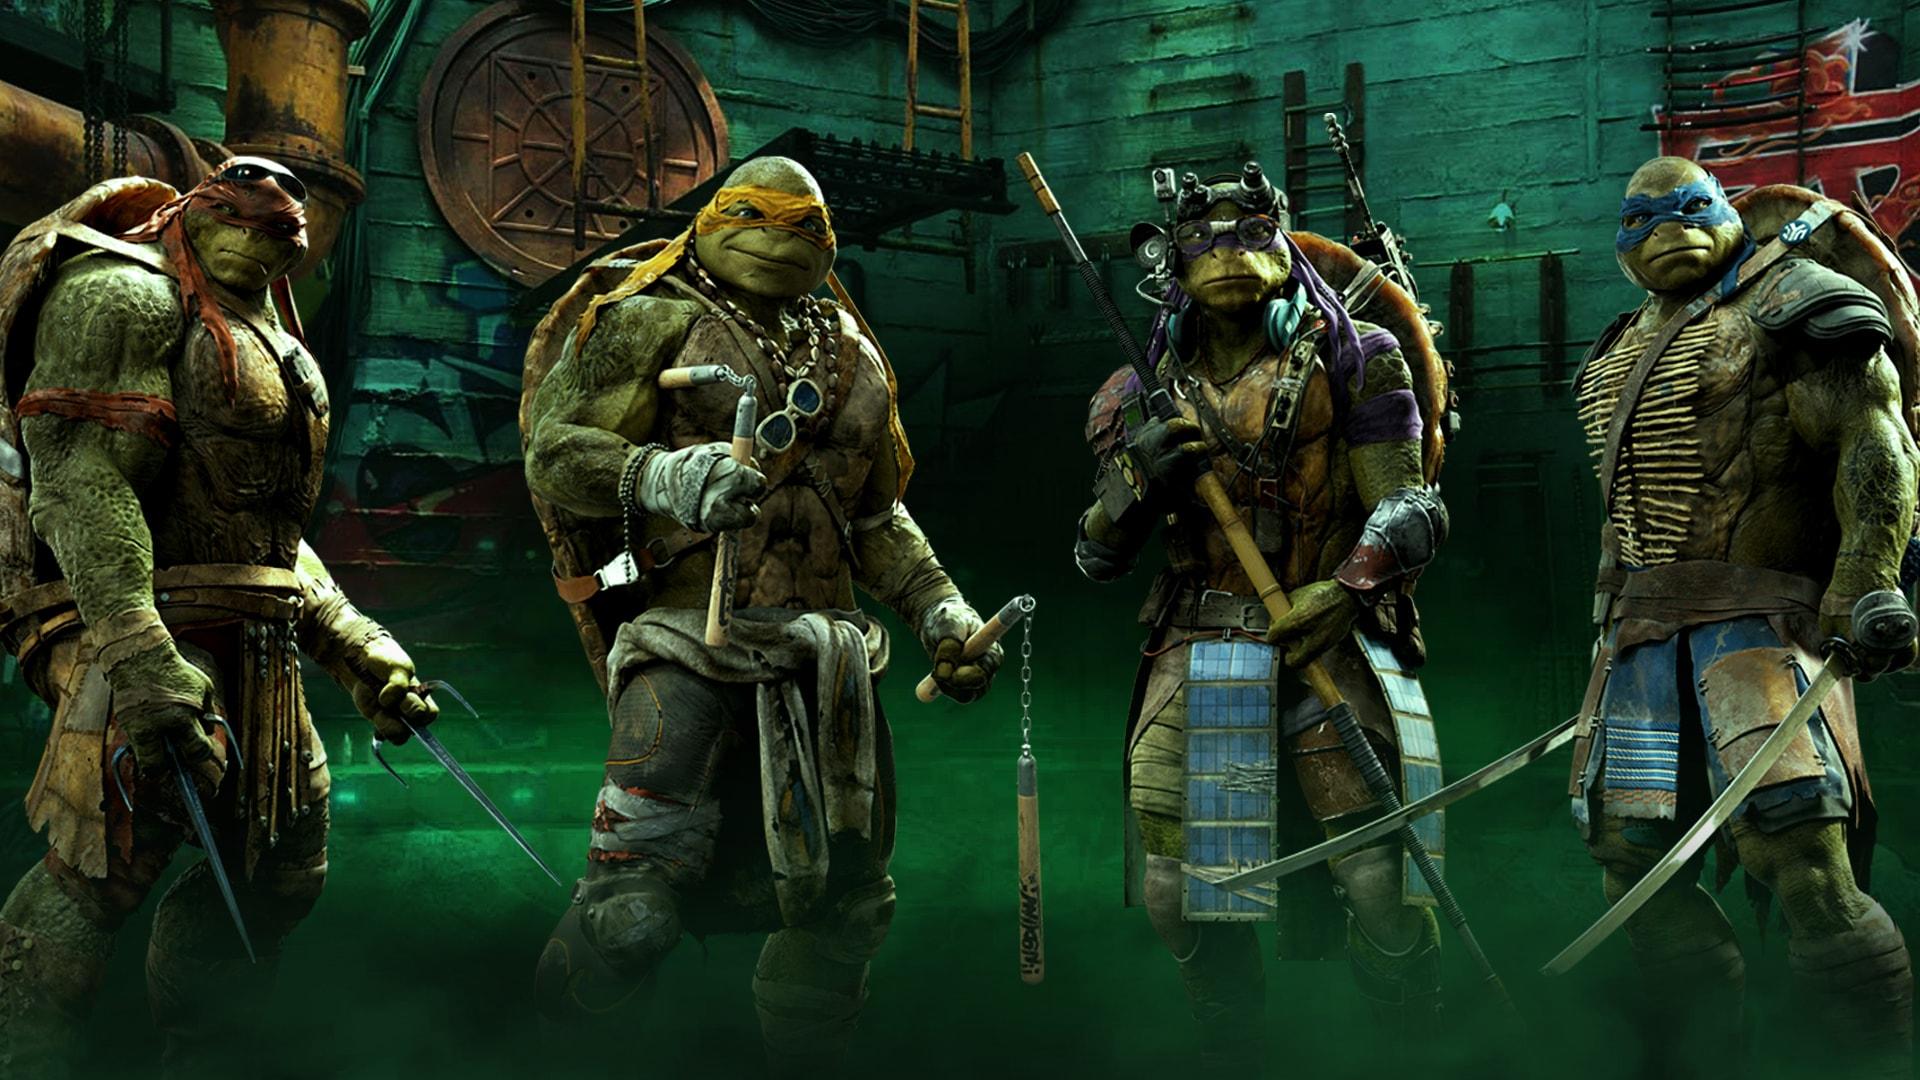 Teenage Mutant Ninja Turtles widescreen for desktop